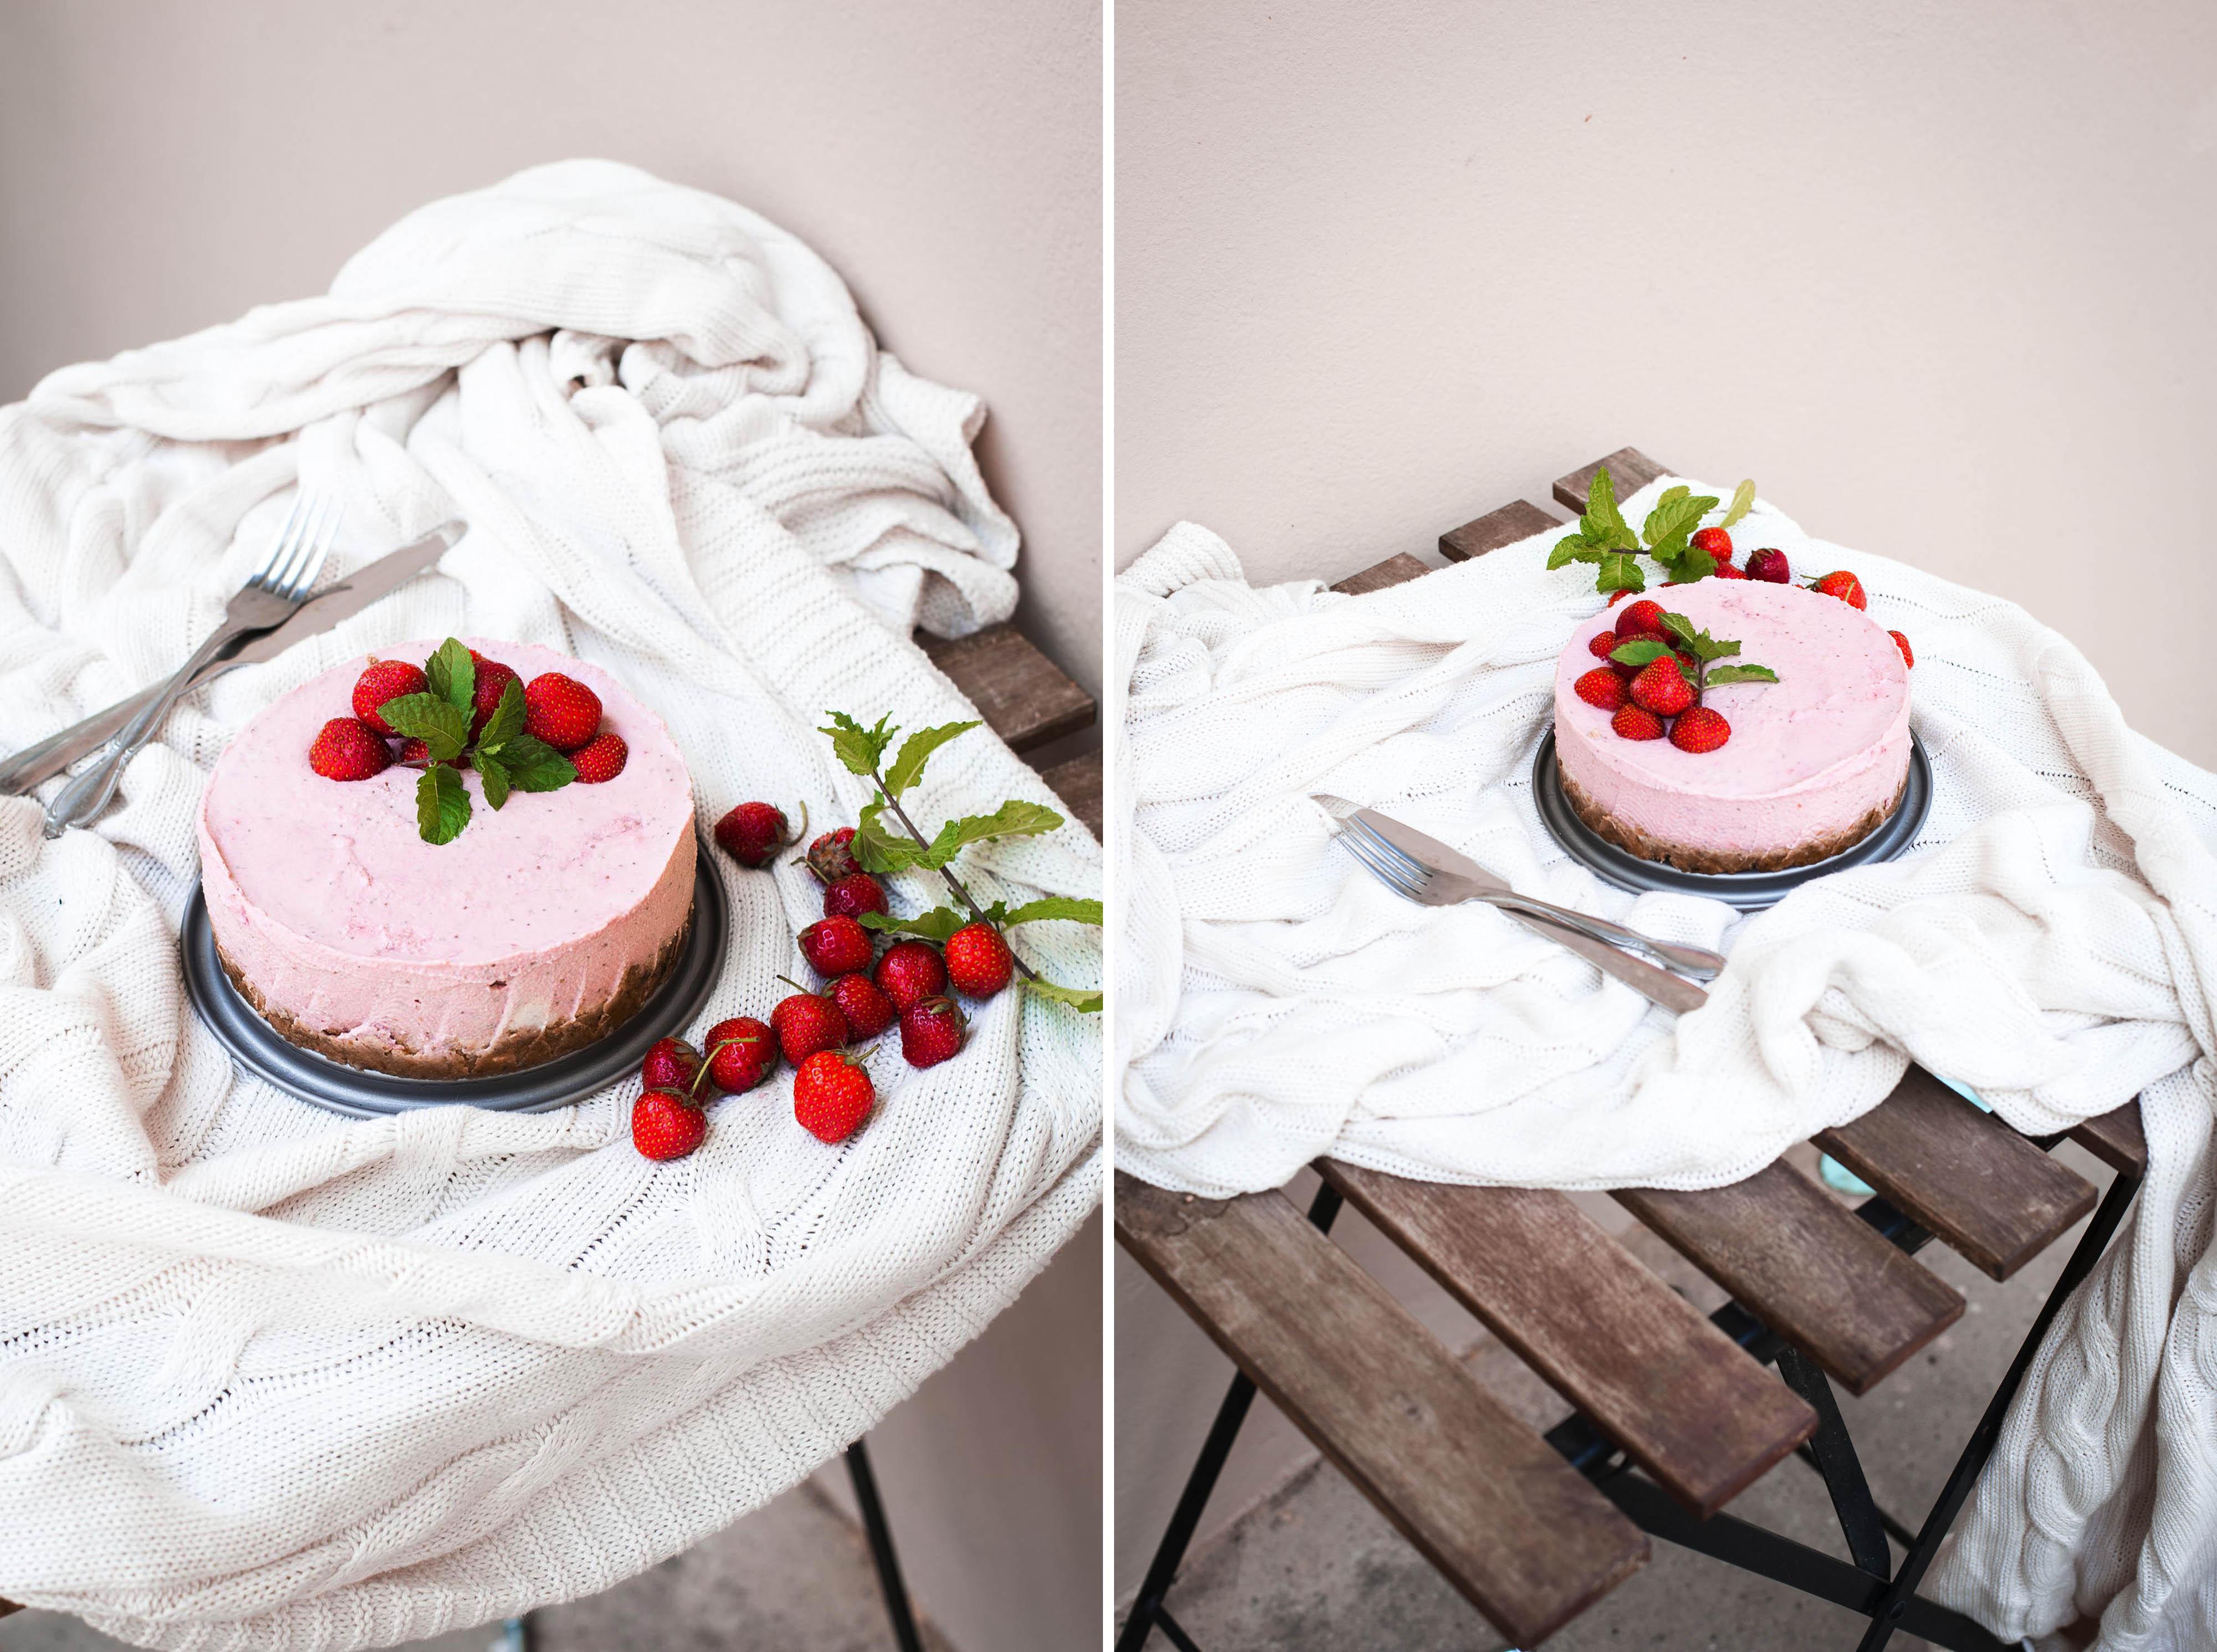 Roh veganer Erdbeer Cheesecake Käsekuchen Cashews Walnüsse Beeren Heidelbeeren Himbeeren